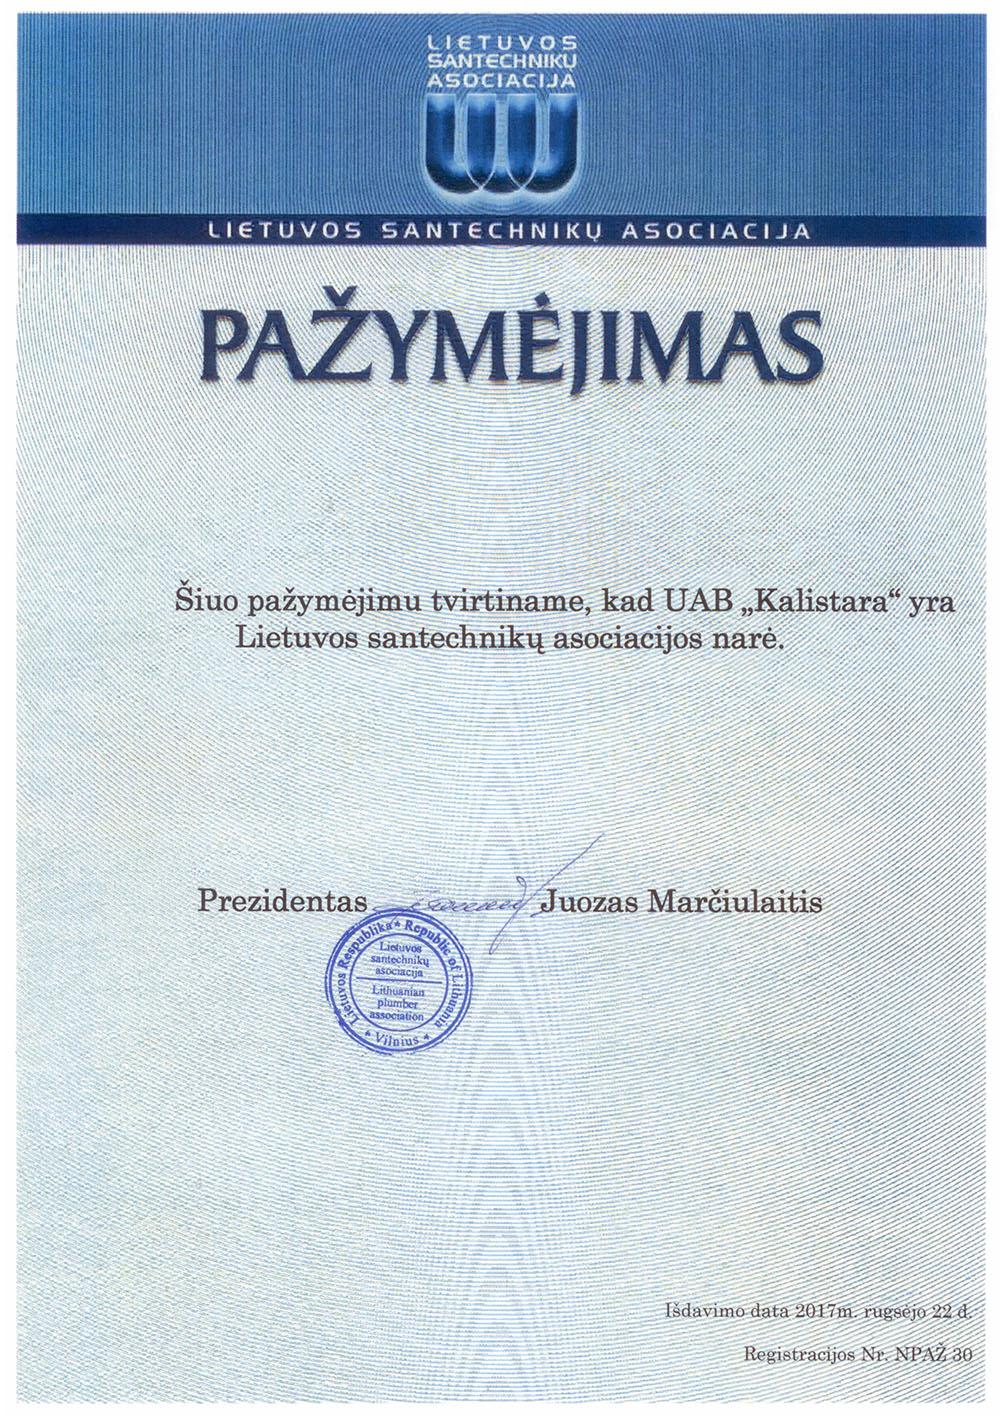 UAB Kalistara Lietuvos santechnikų asociacijos narė